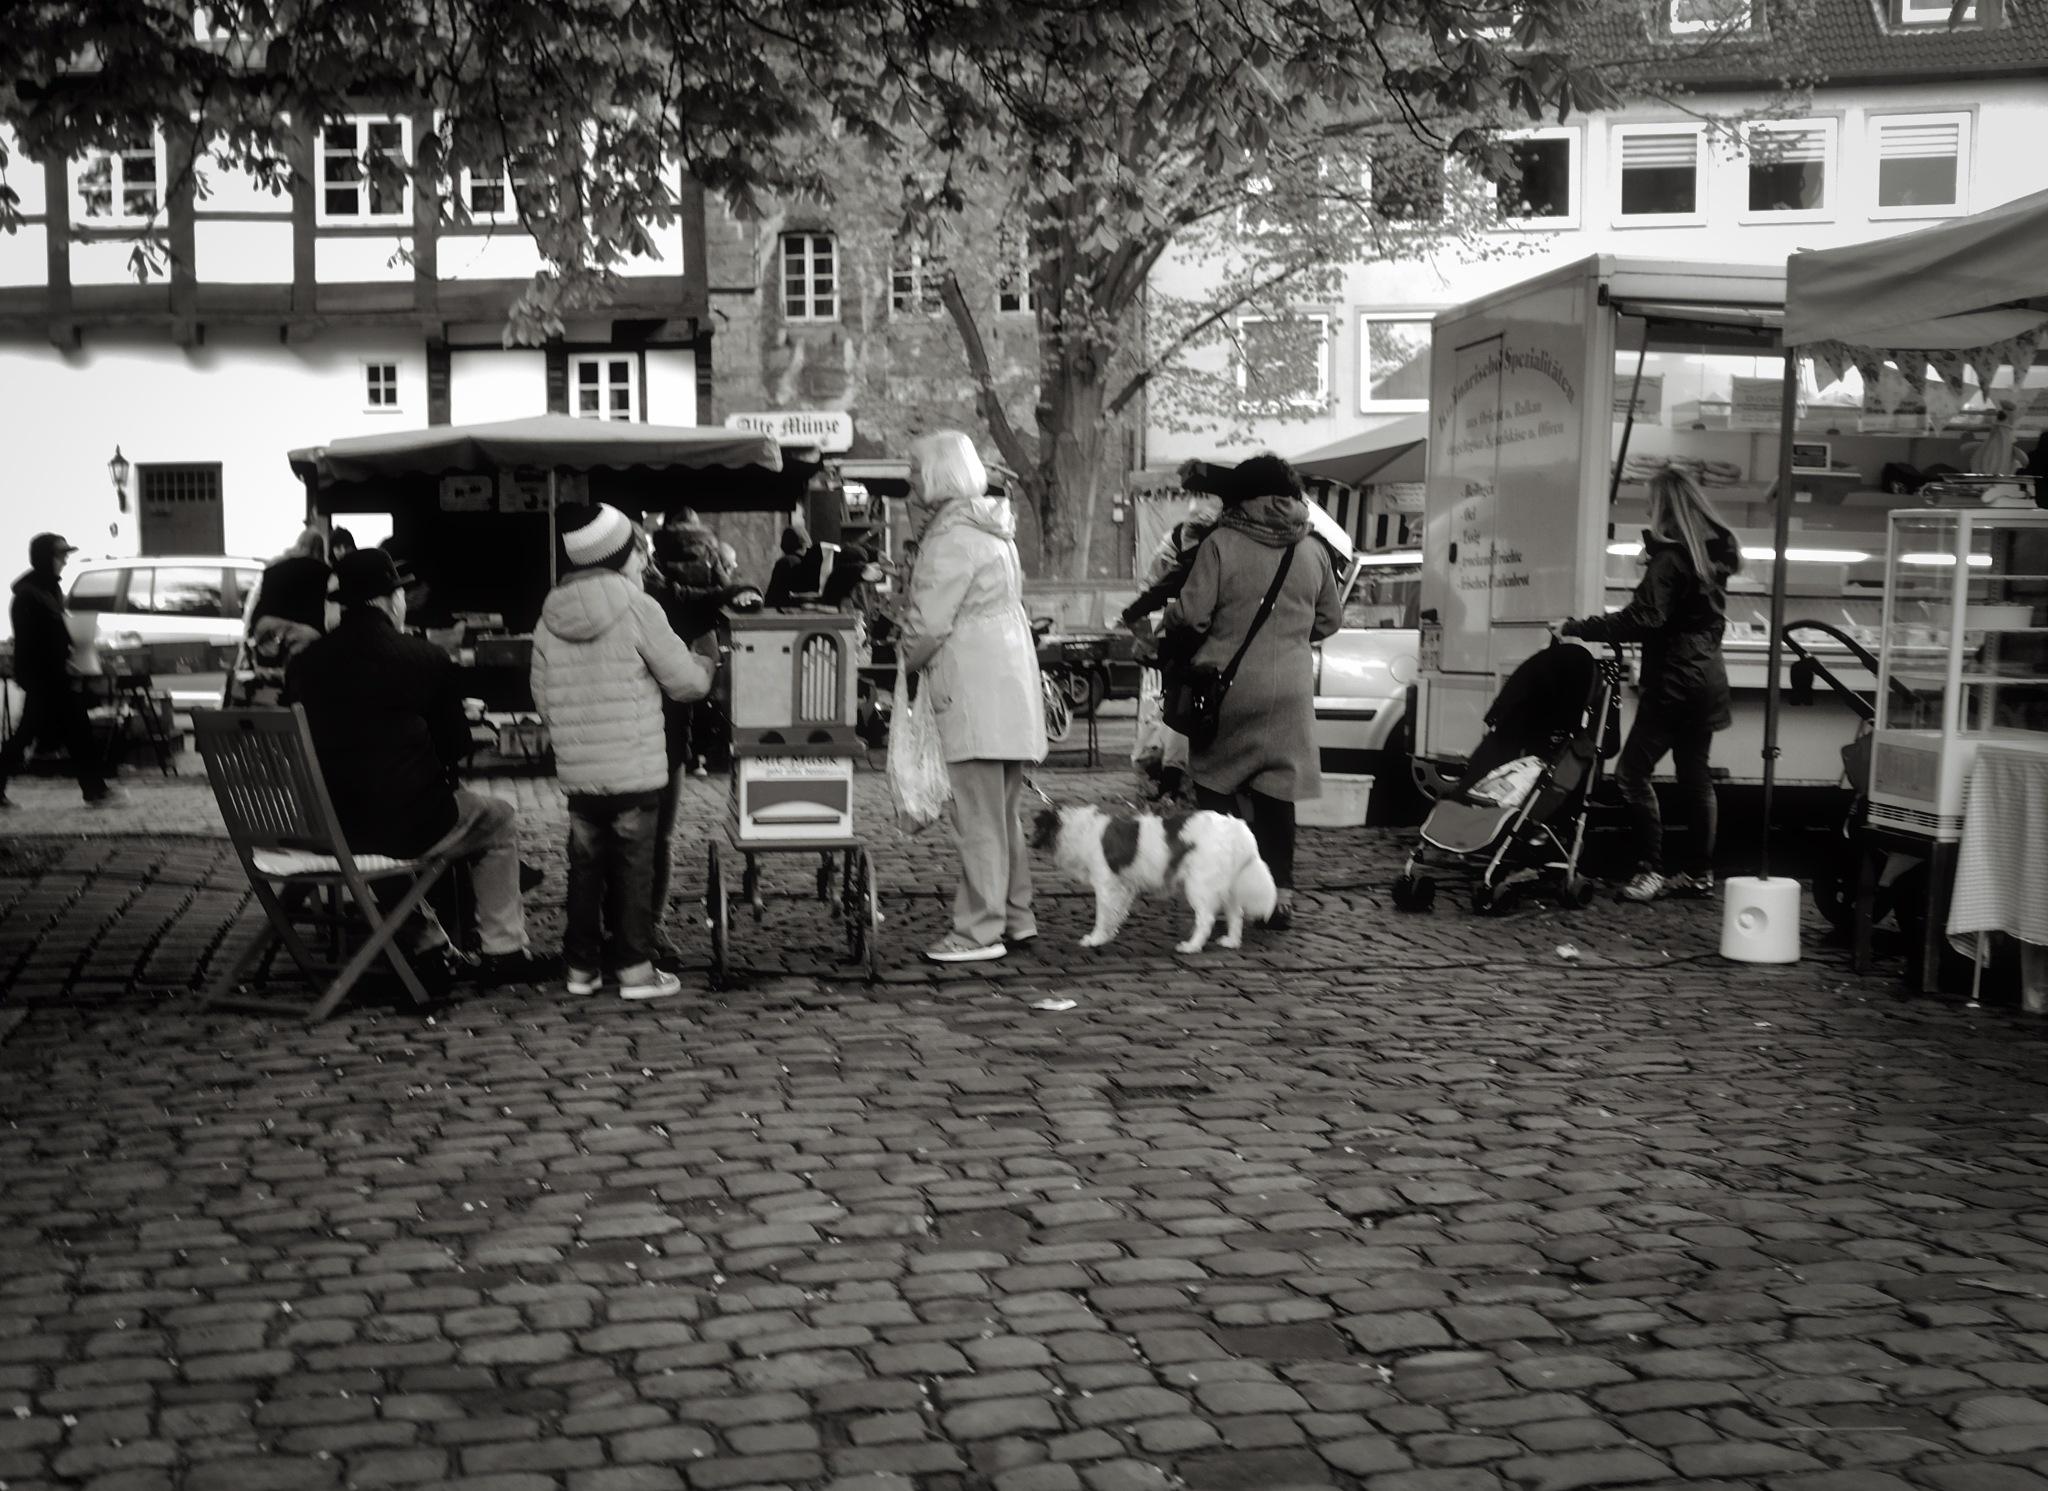 Auf dem Markt by peterkryzun